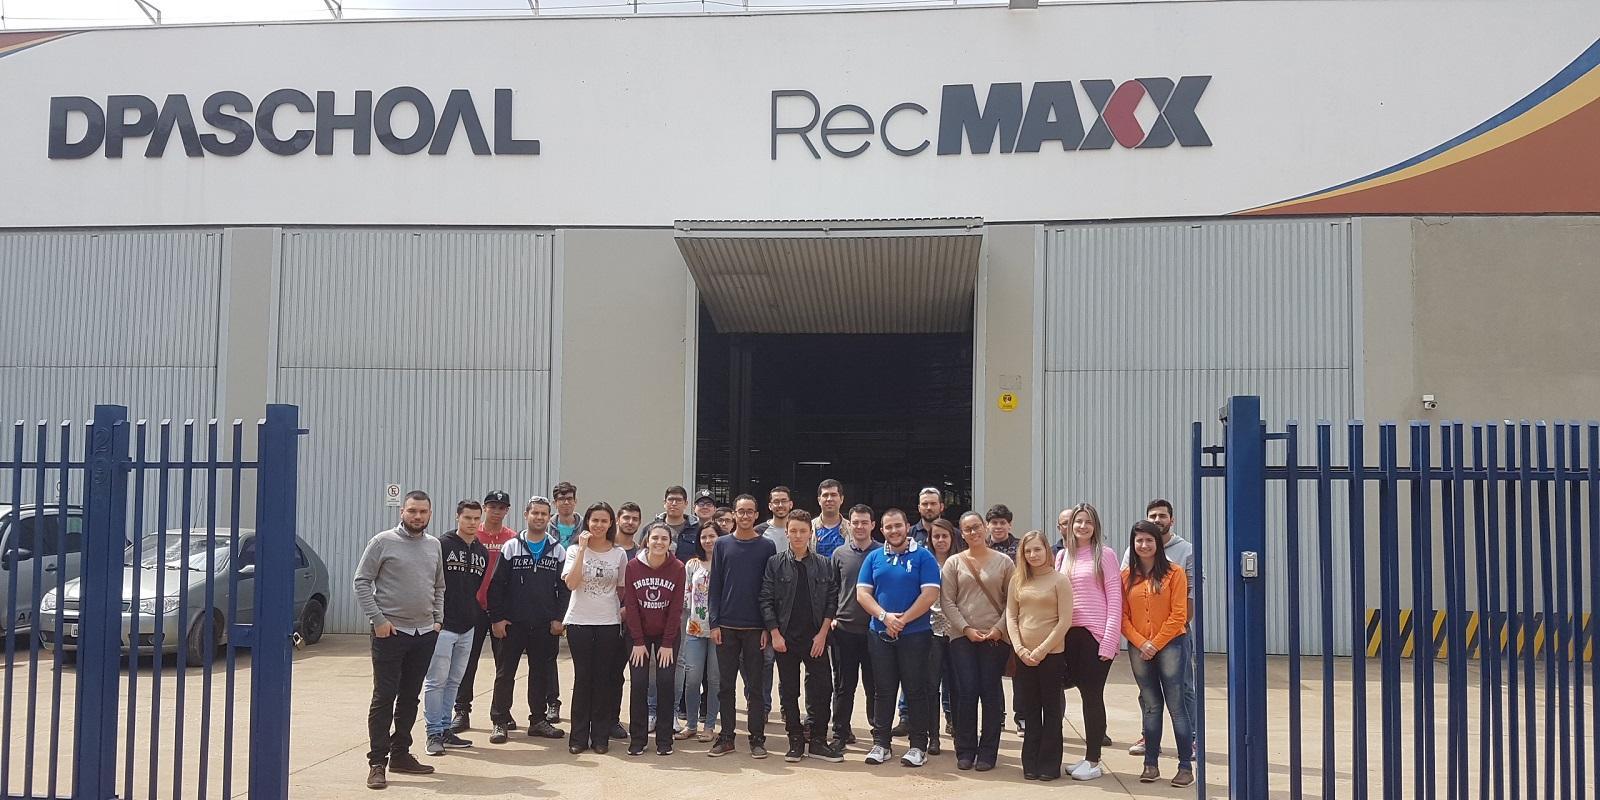 Acadêmicos de Engenharia de Produção e Engenharia Elétrica visitam a empresa RecMaxx DPaschoal